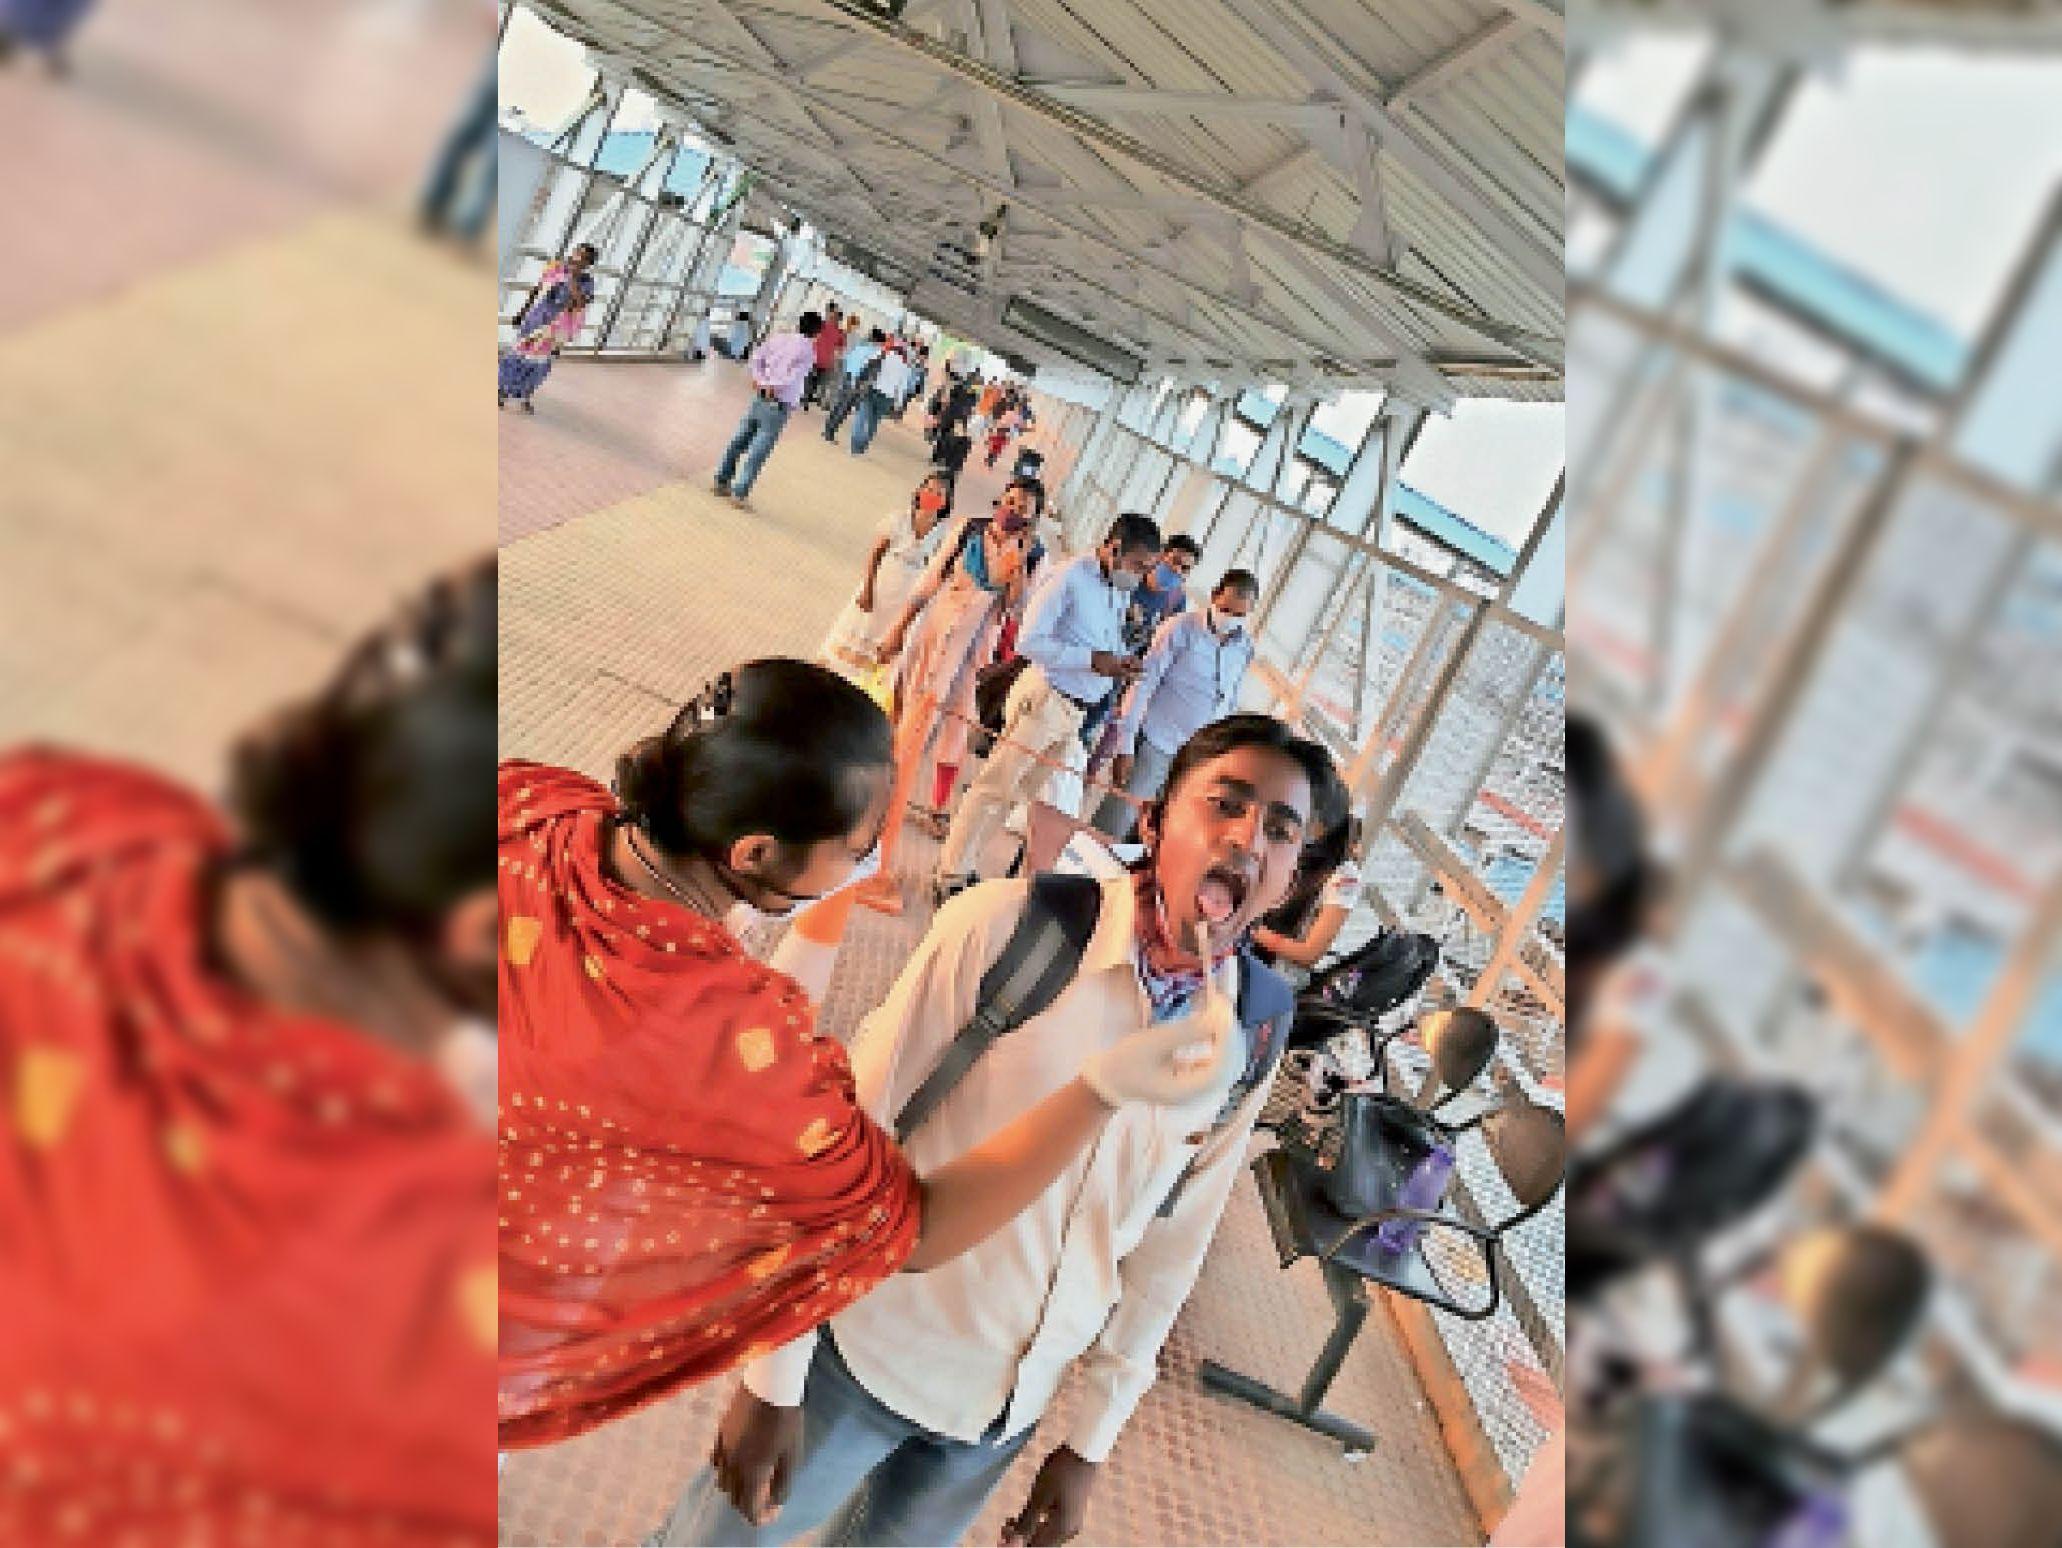 सासाराम रेलवे स्टेशन पर जांच के लिए यात्रियों से सैंपल लेते स्वास्थ्य कर्मी। - Dainik Bhaskar